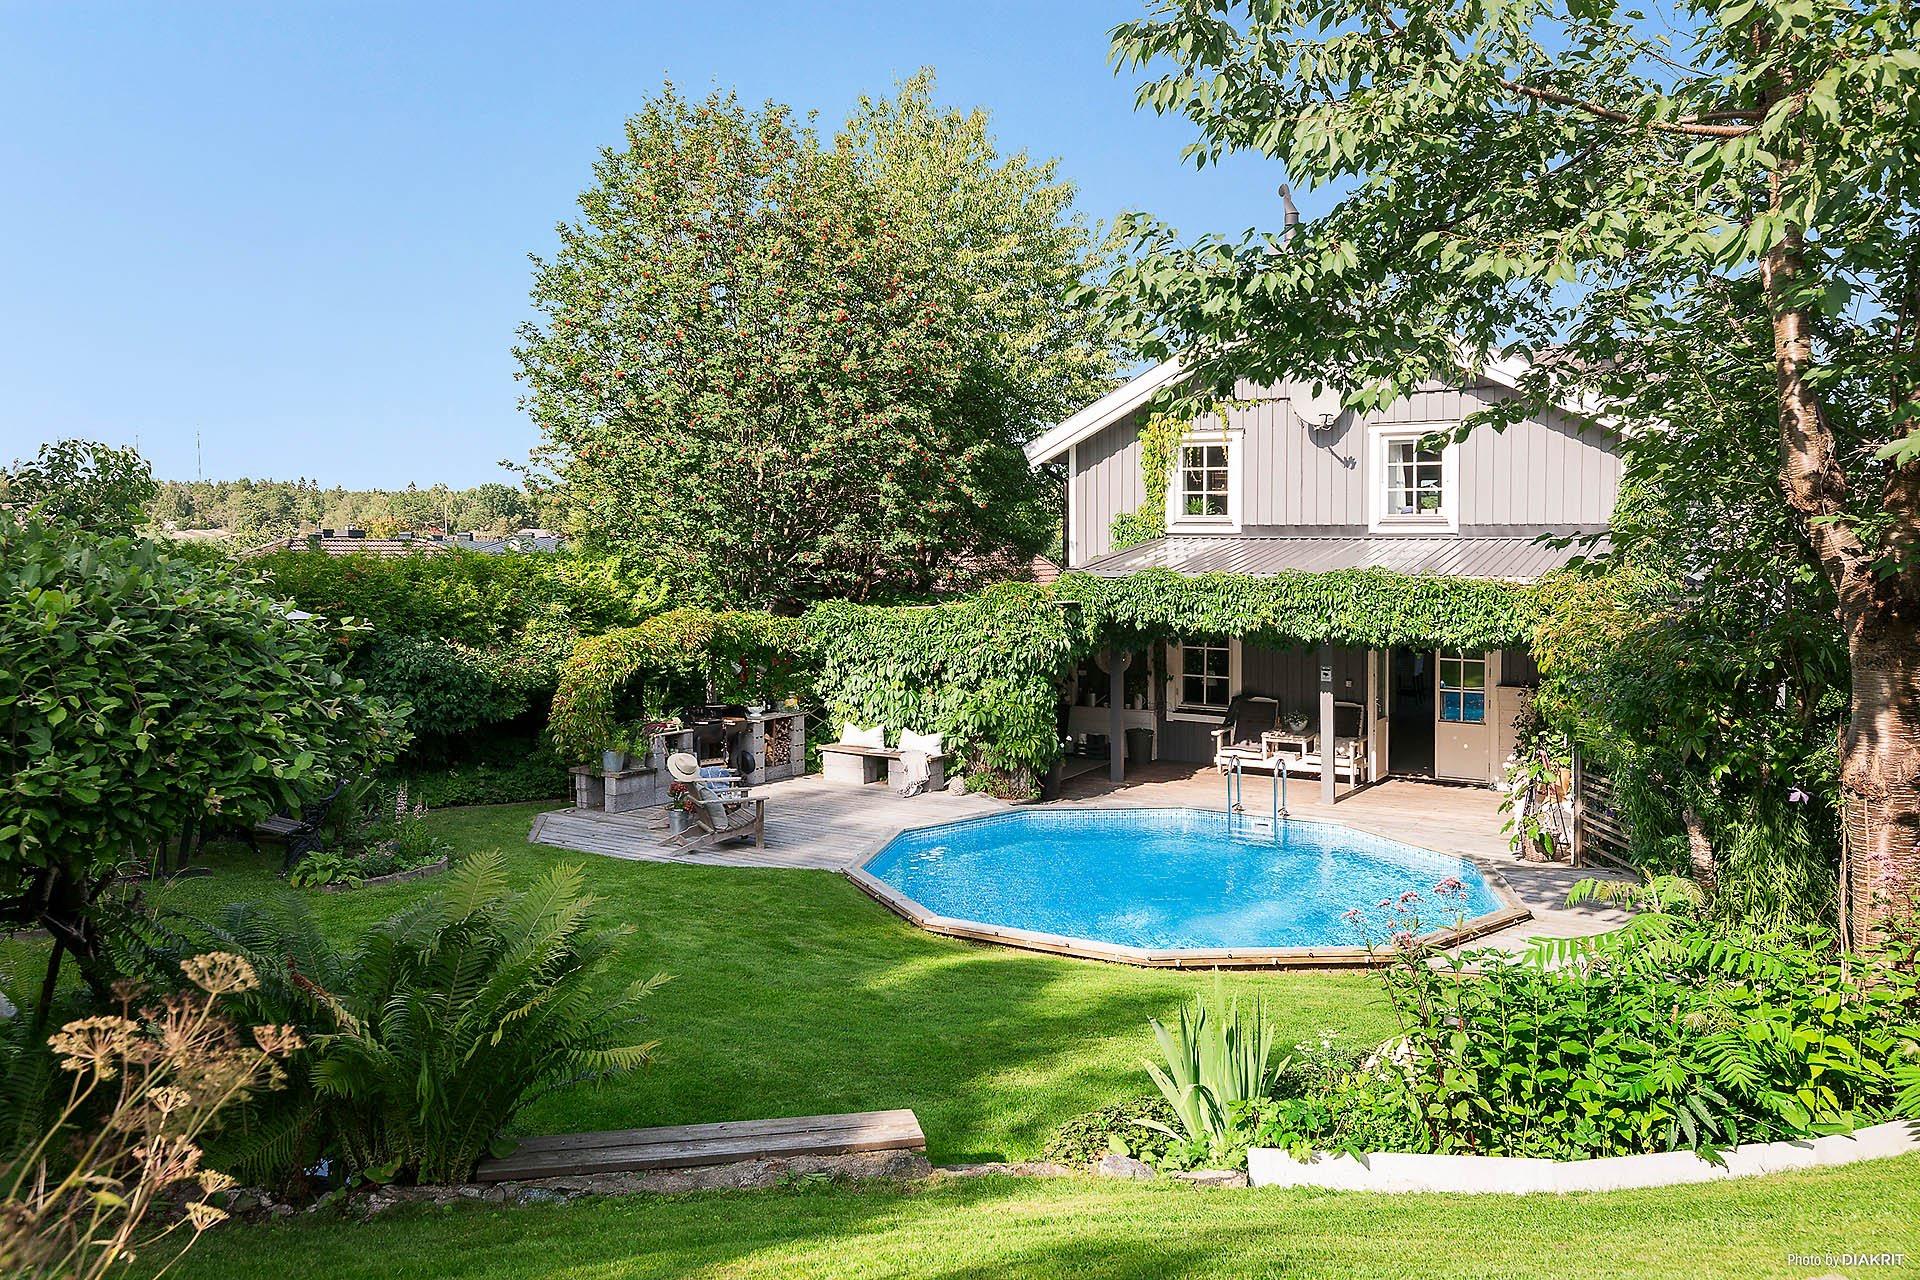 загородный деревянный дом бассейн газон